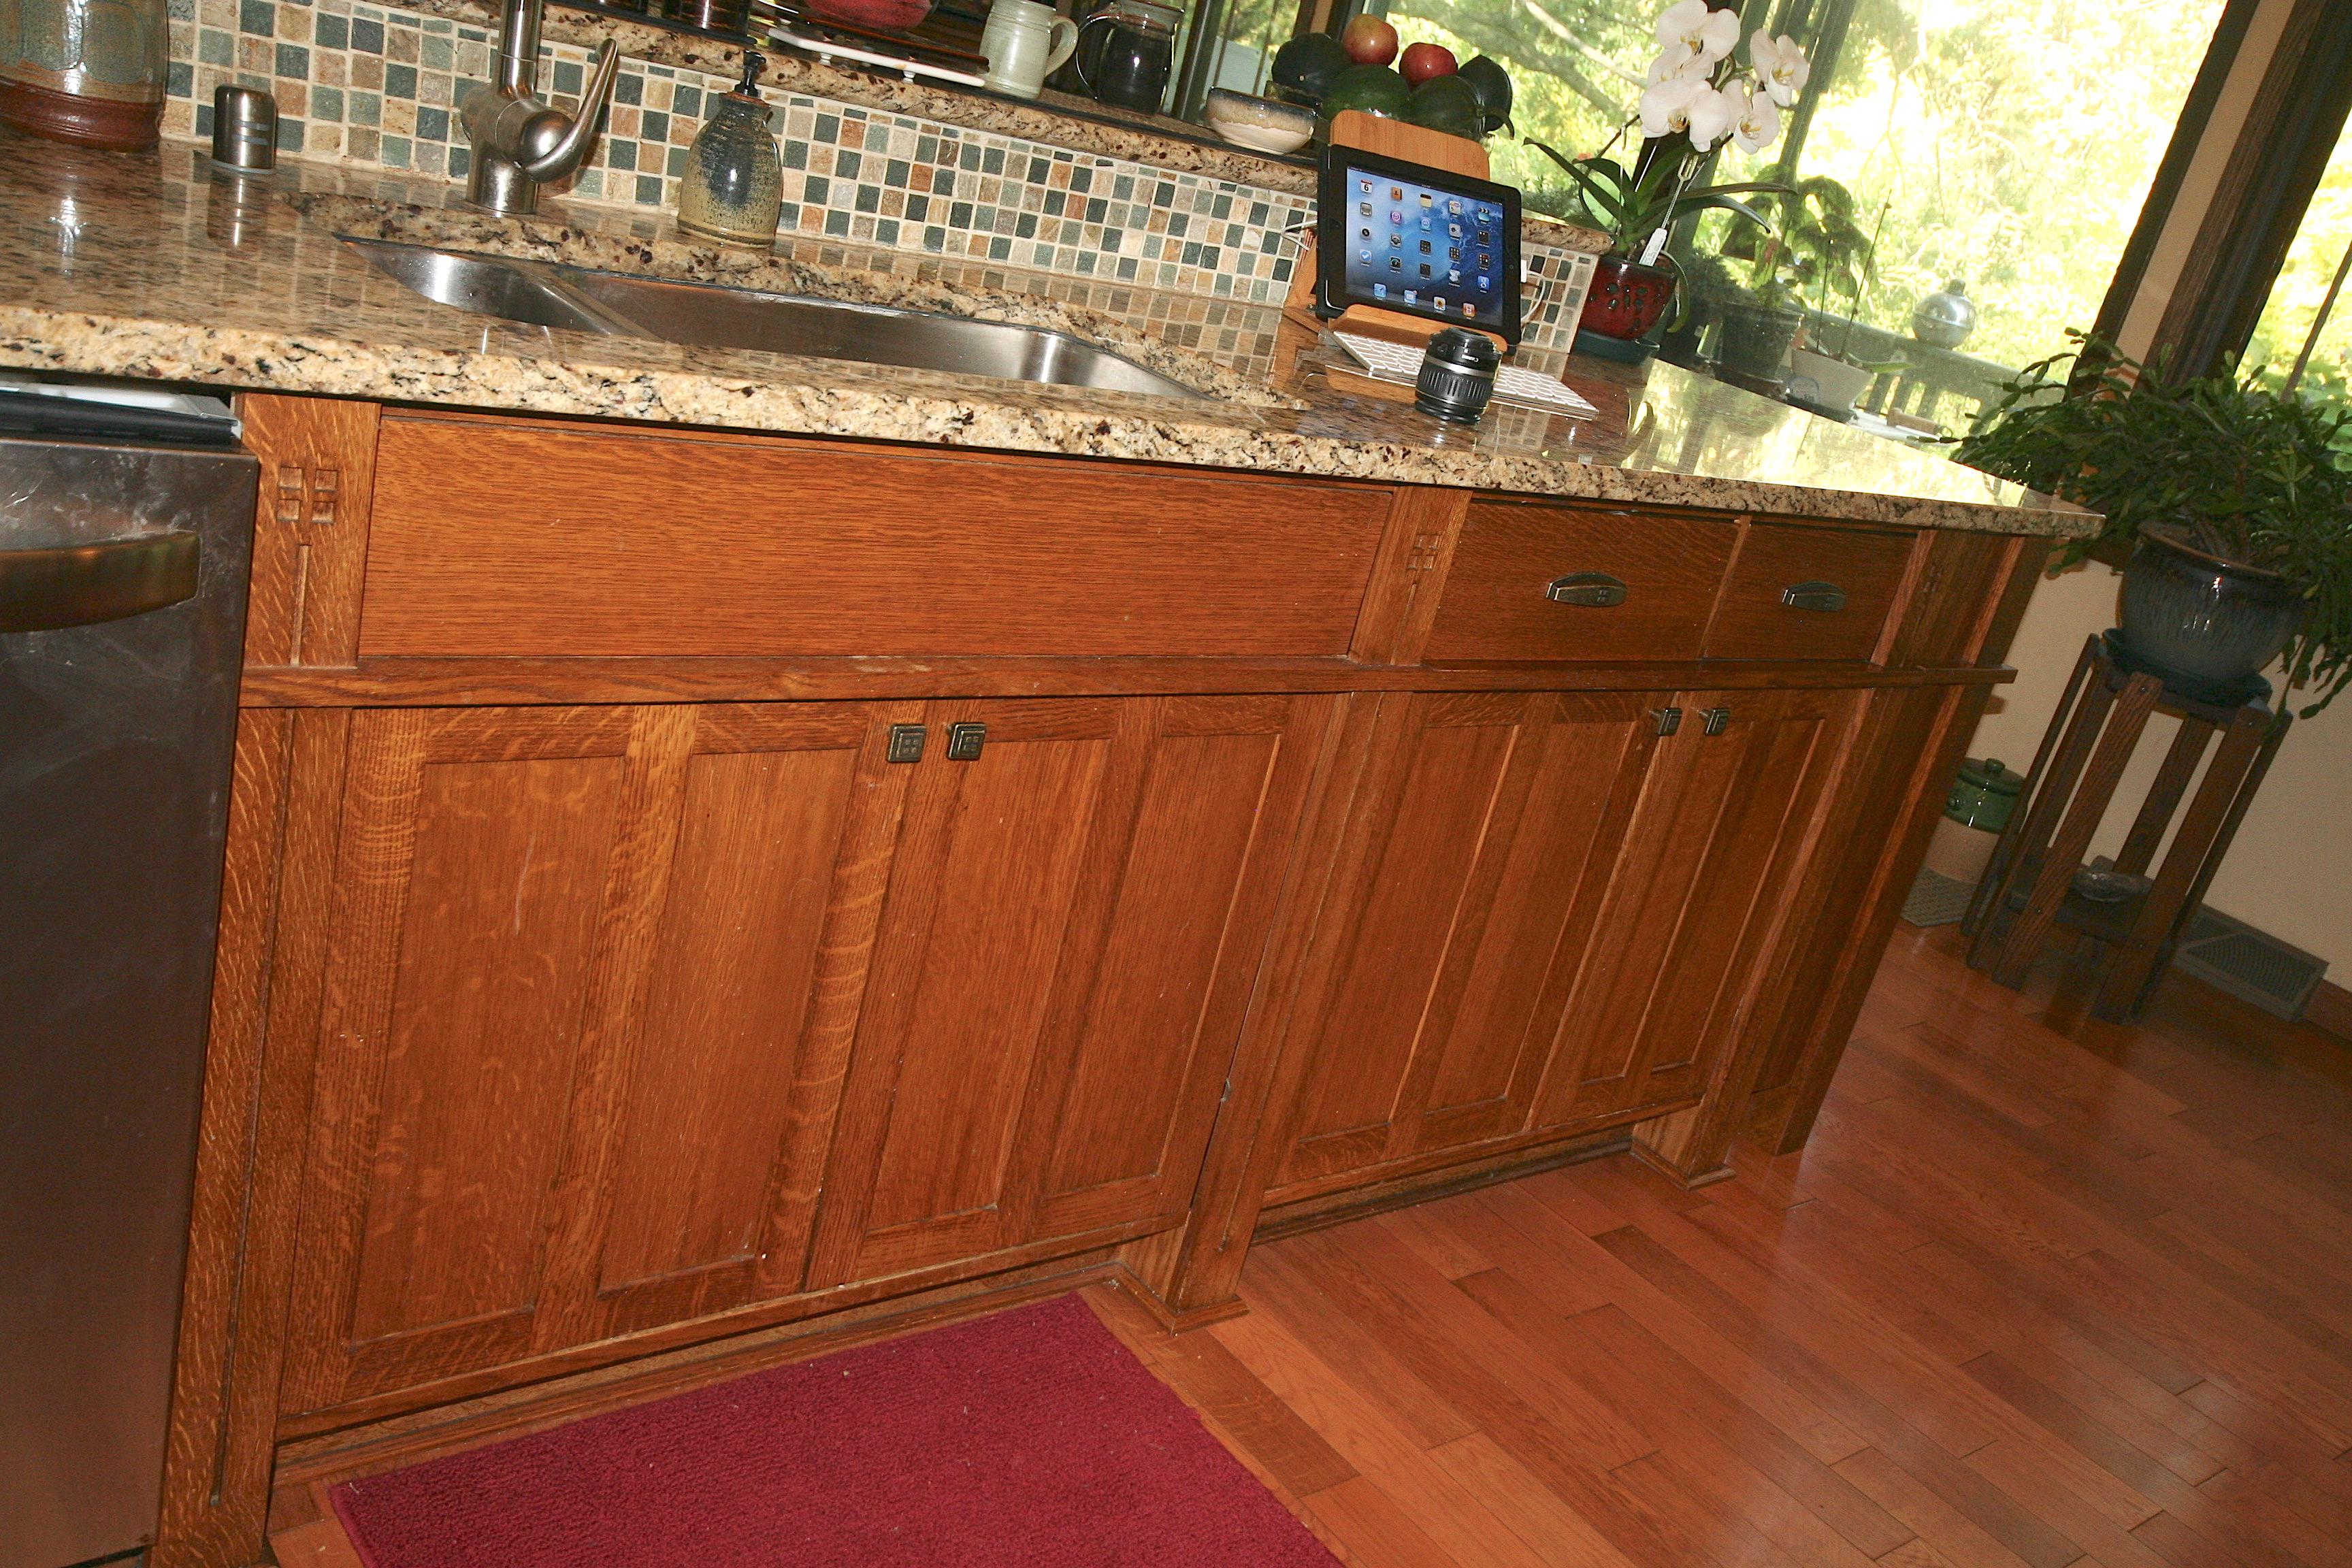 kitchen-cabinets-below-sink